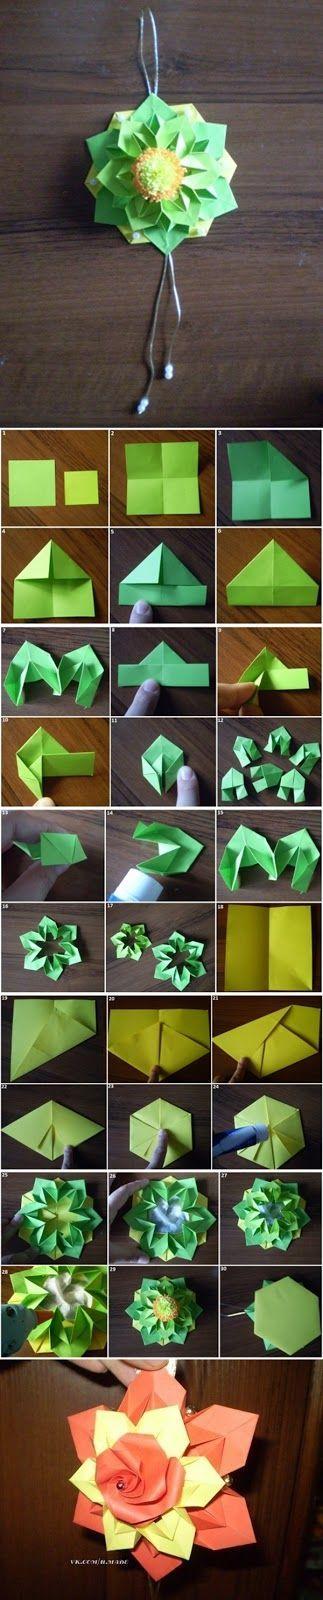 #DIY #flores de origami #Flower #Home #Ideas #origami #Spring DIY Origami Spring Flower - Ideas for the home DIY        DIY Origami Spring Flower - Ideas for the home DIY